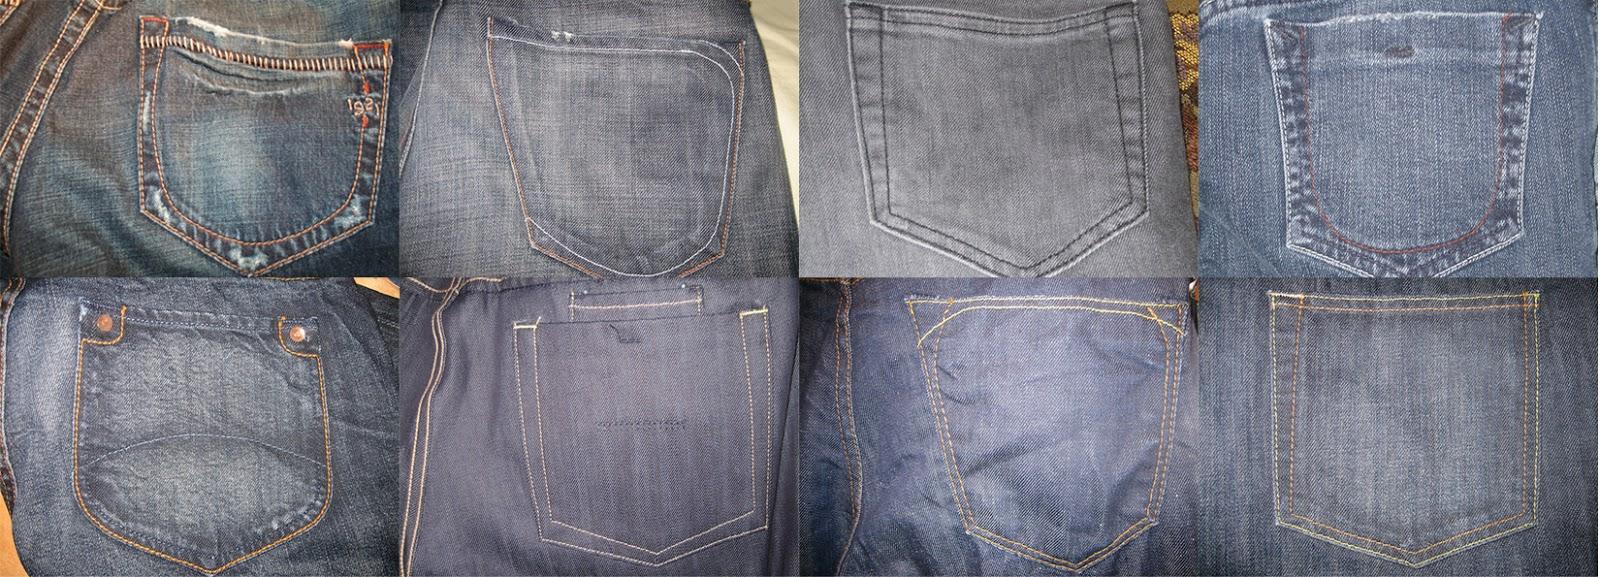 Unlikely Ginger Jeans Back Pocket Design Inspiration